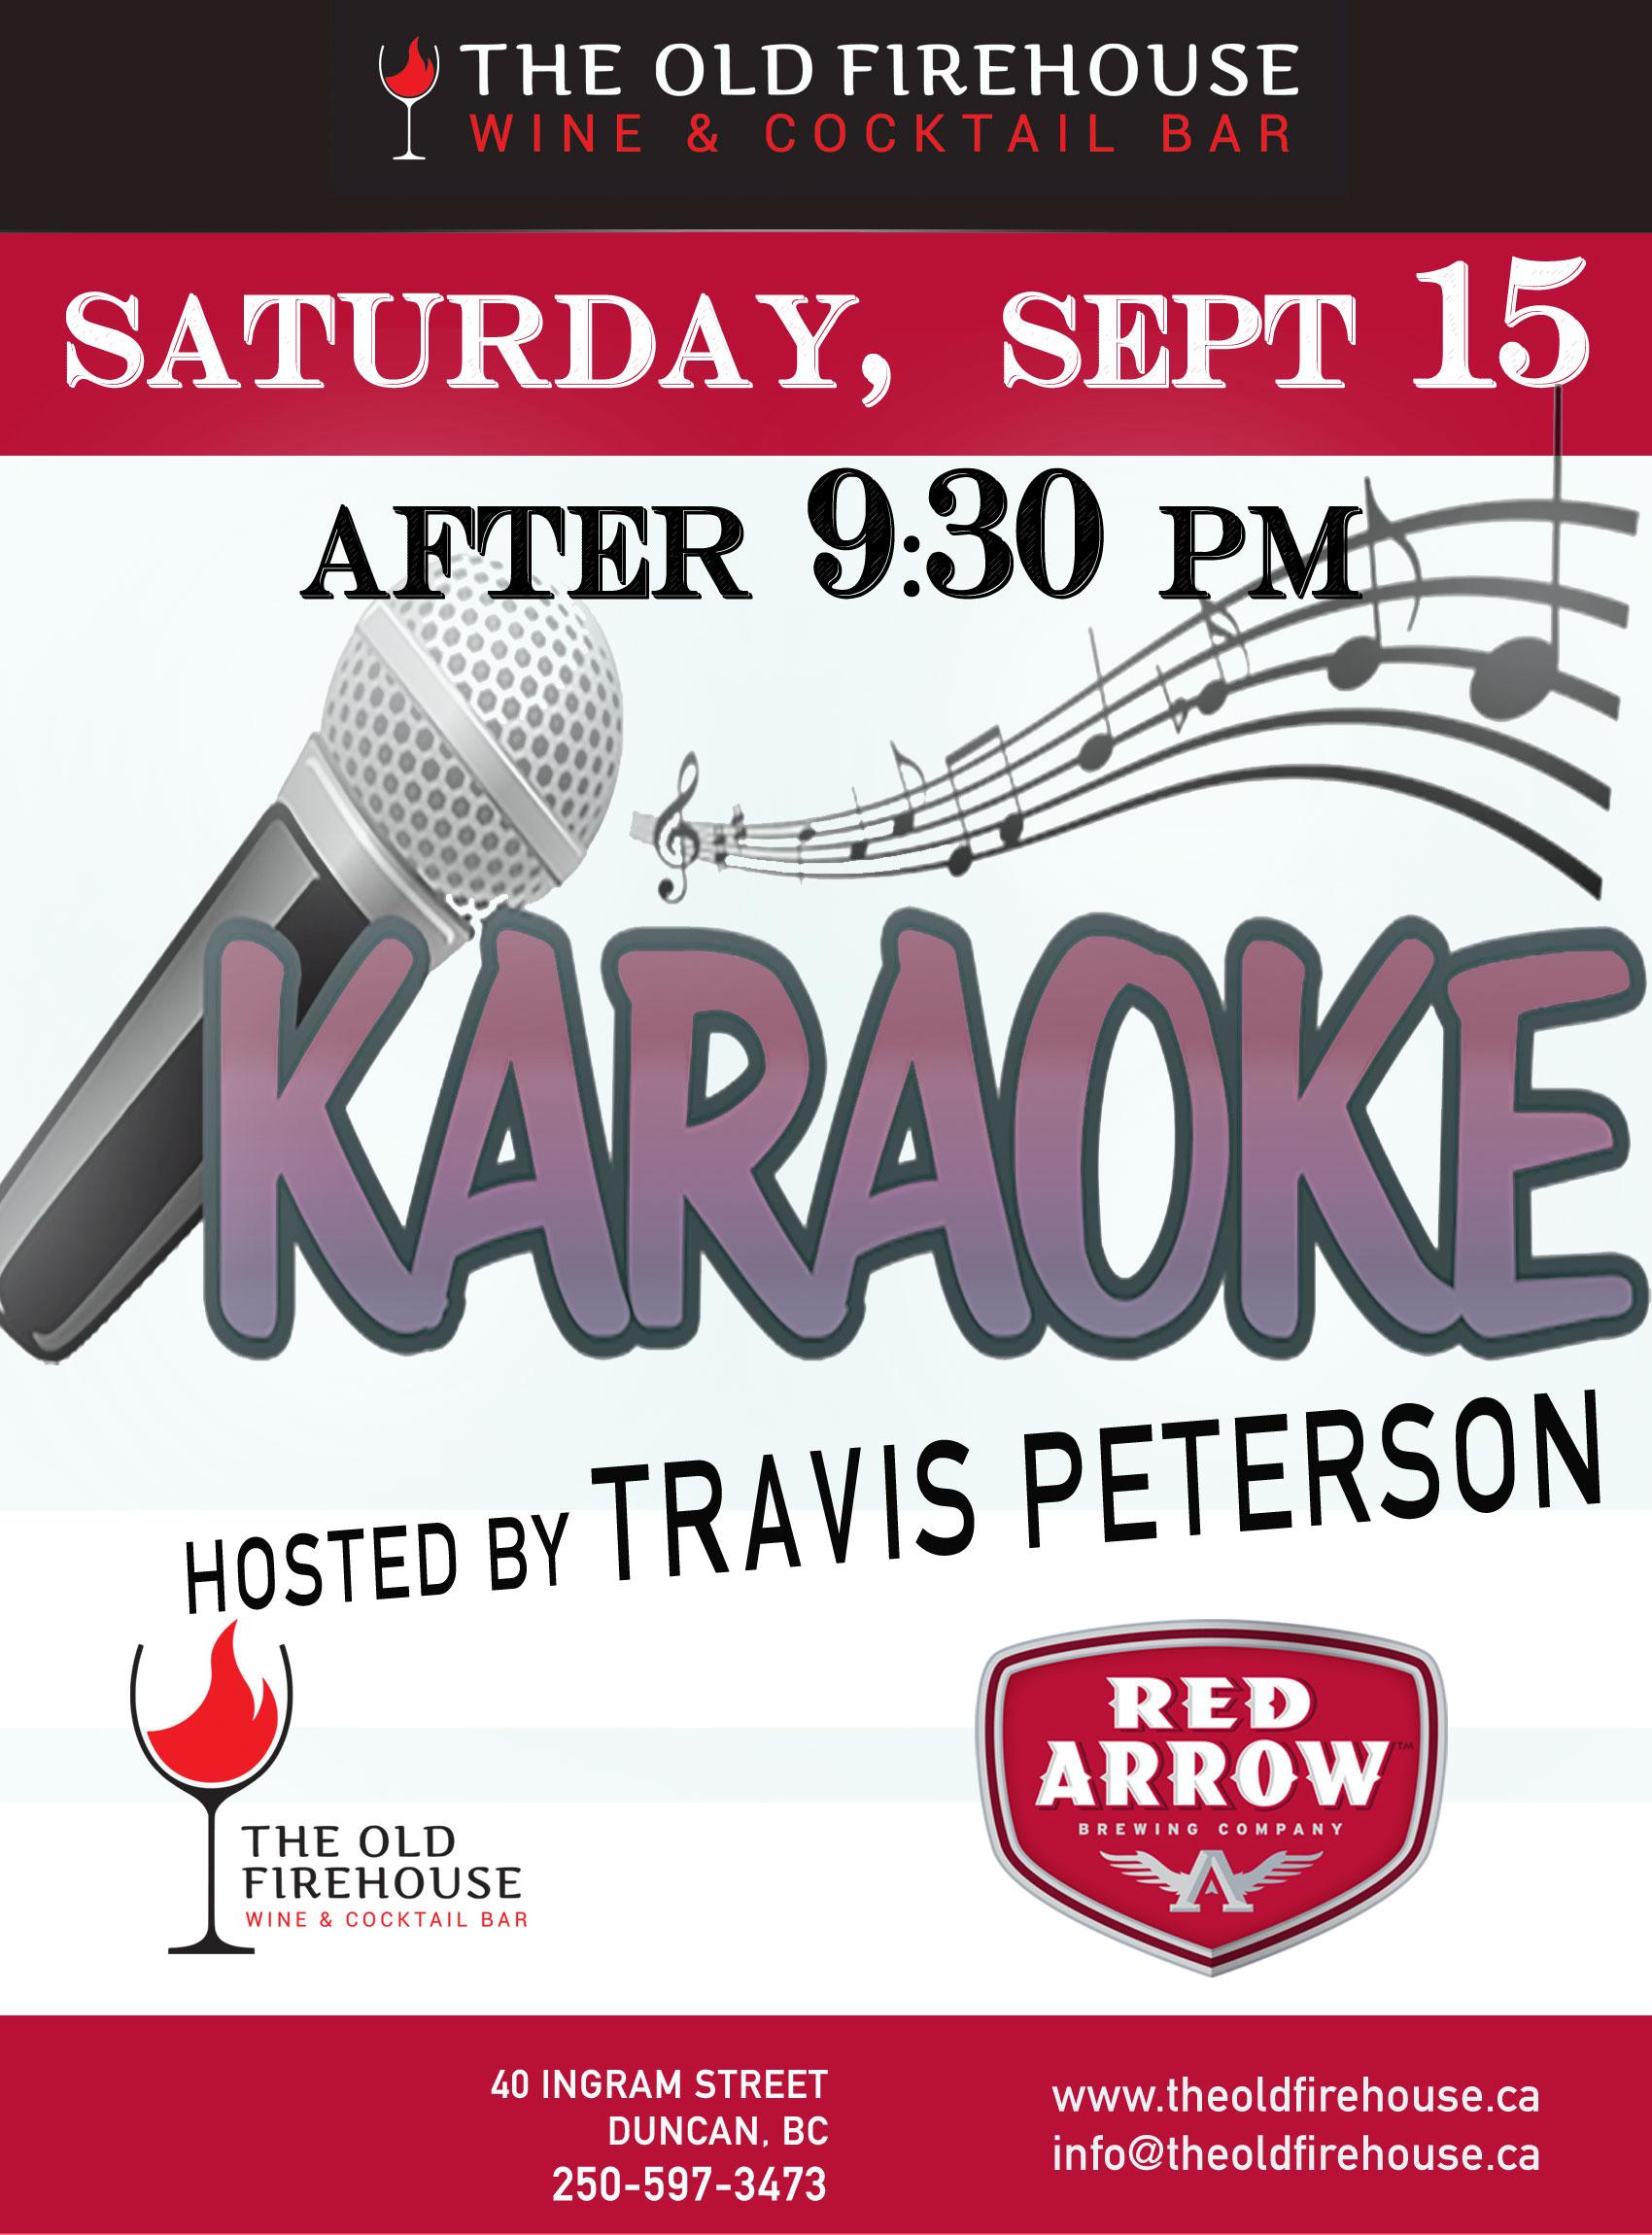 karaoke-poster-red-arrow-september-15.jpg